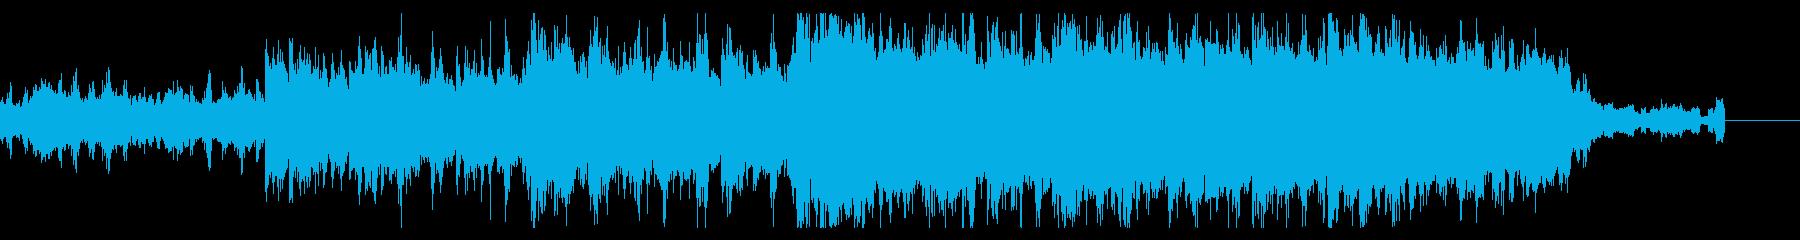 陰鬱でグリッジなテクスチャの再生済みの波形